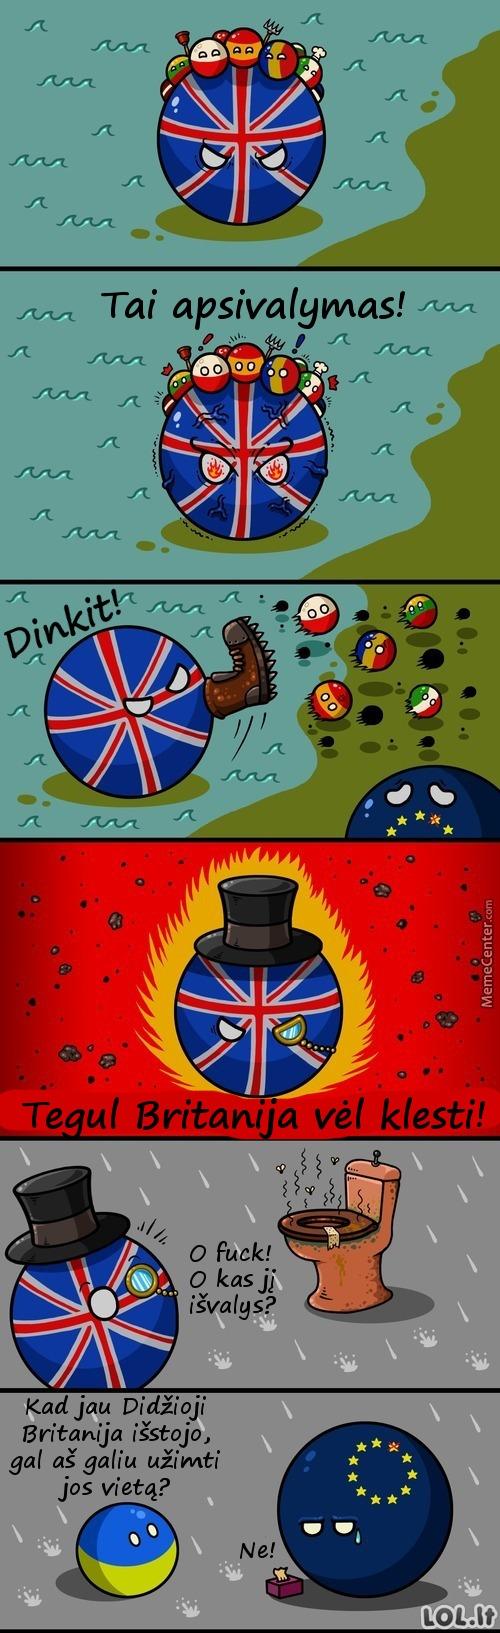 Kai britų kietumas išgaruos...